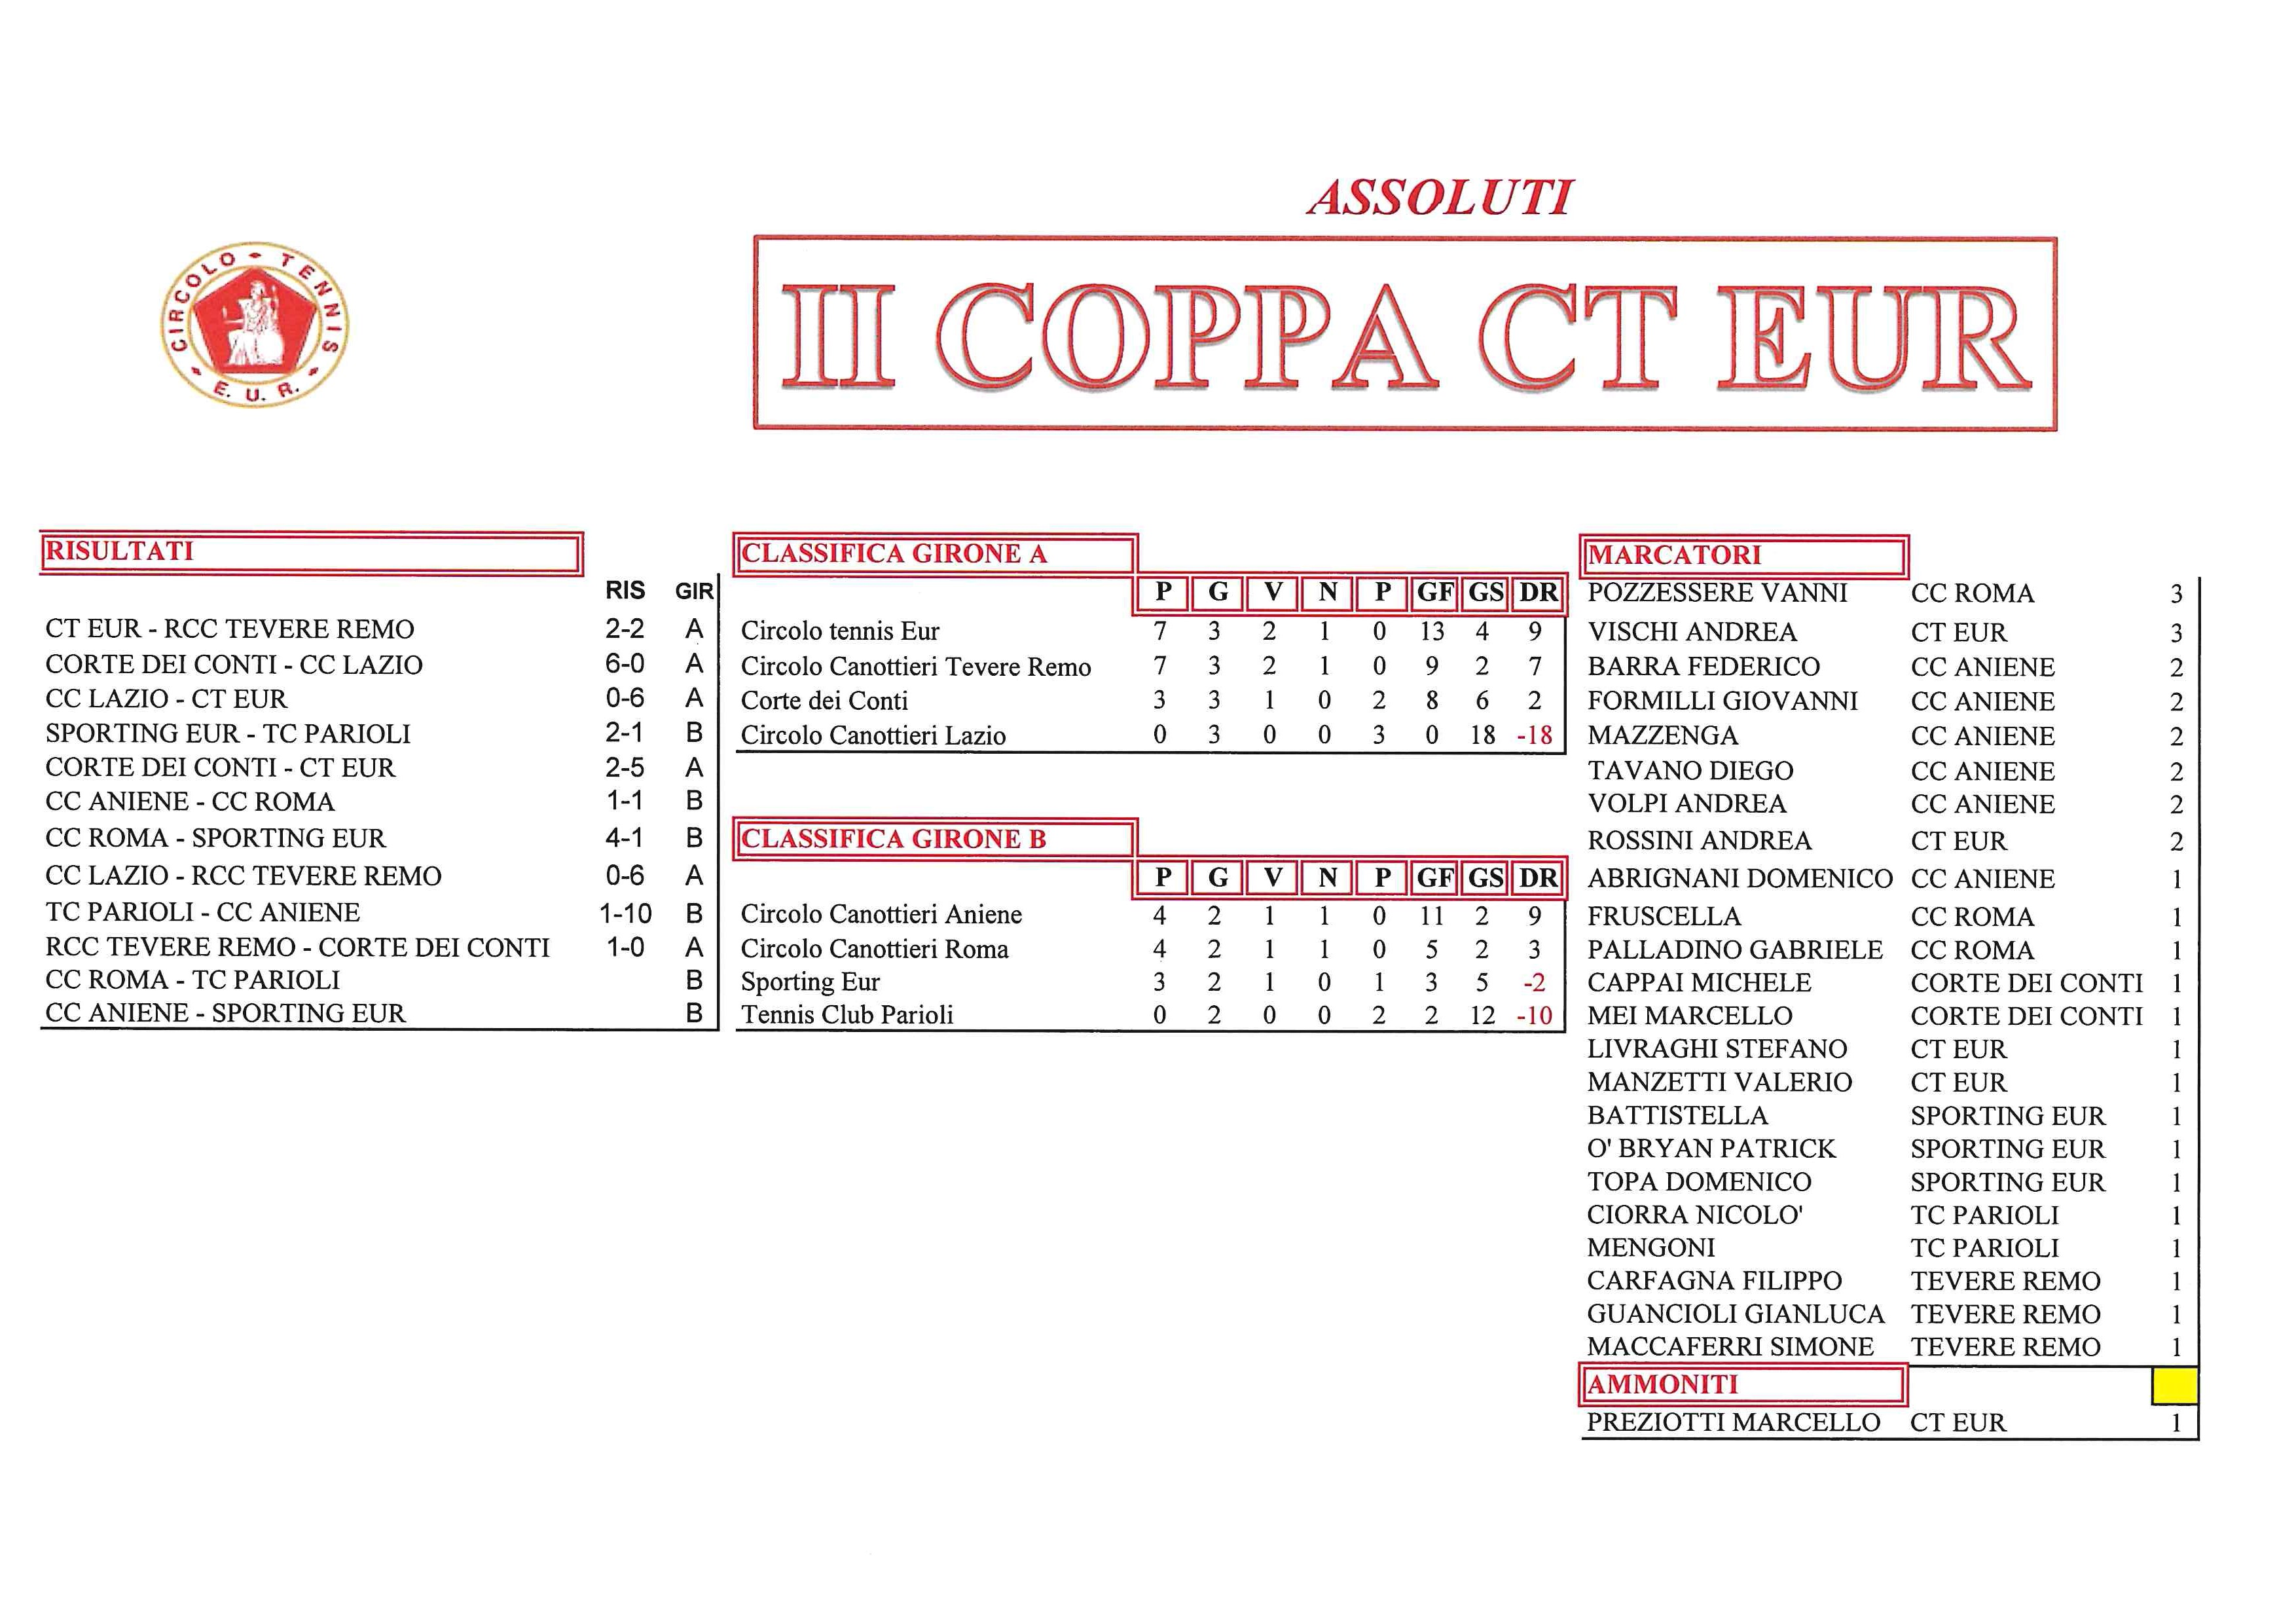 coppa-CT-Eur-risultati-del-4-ottobre-2017-Assoluti